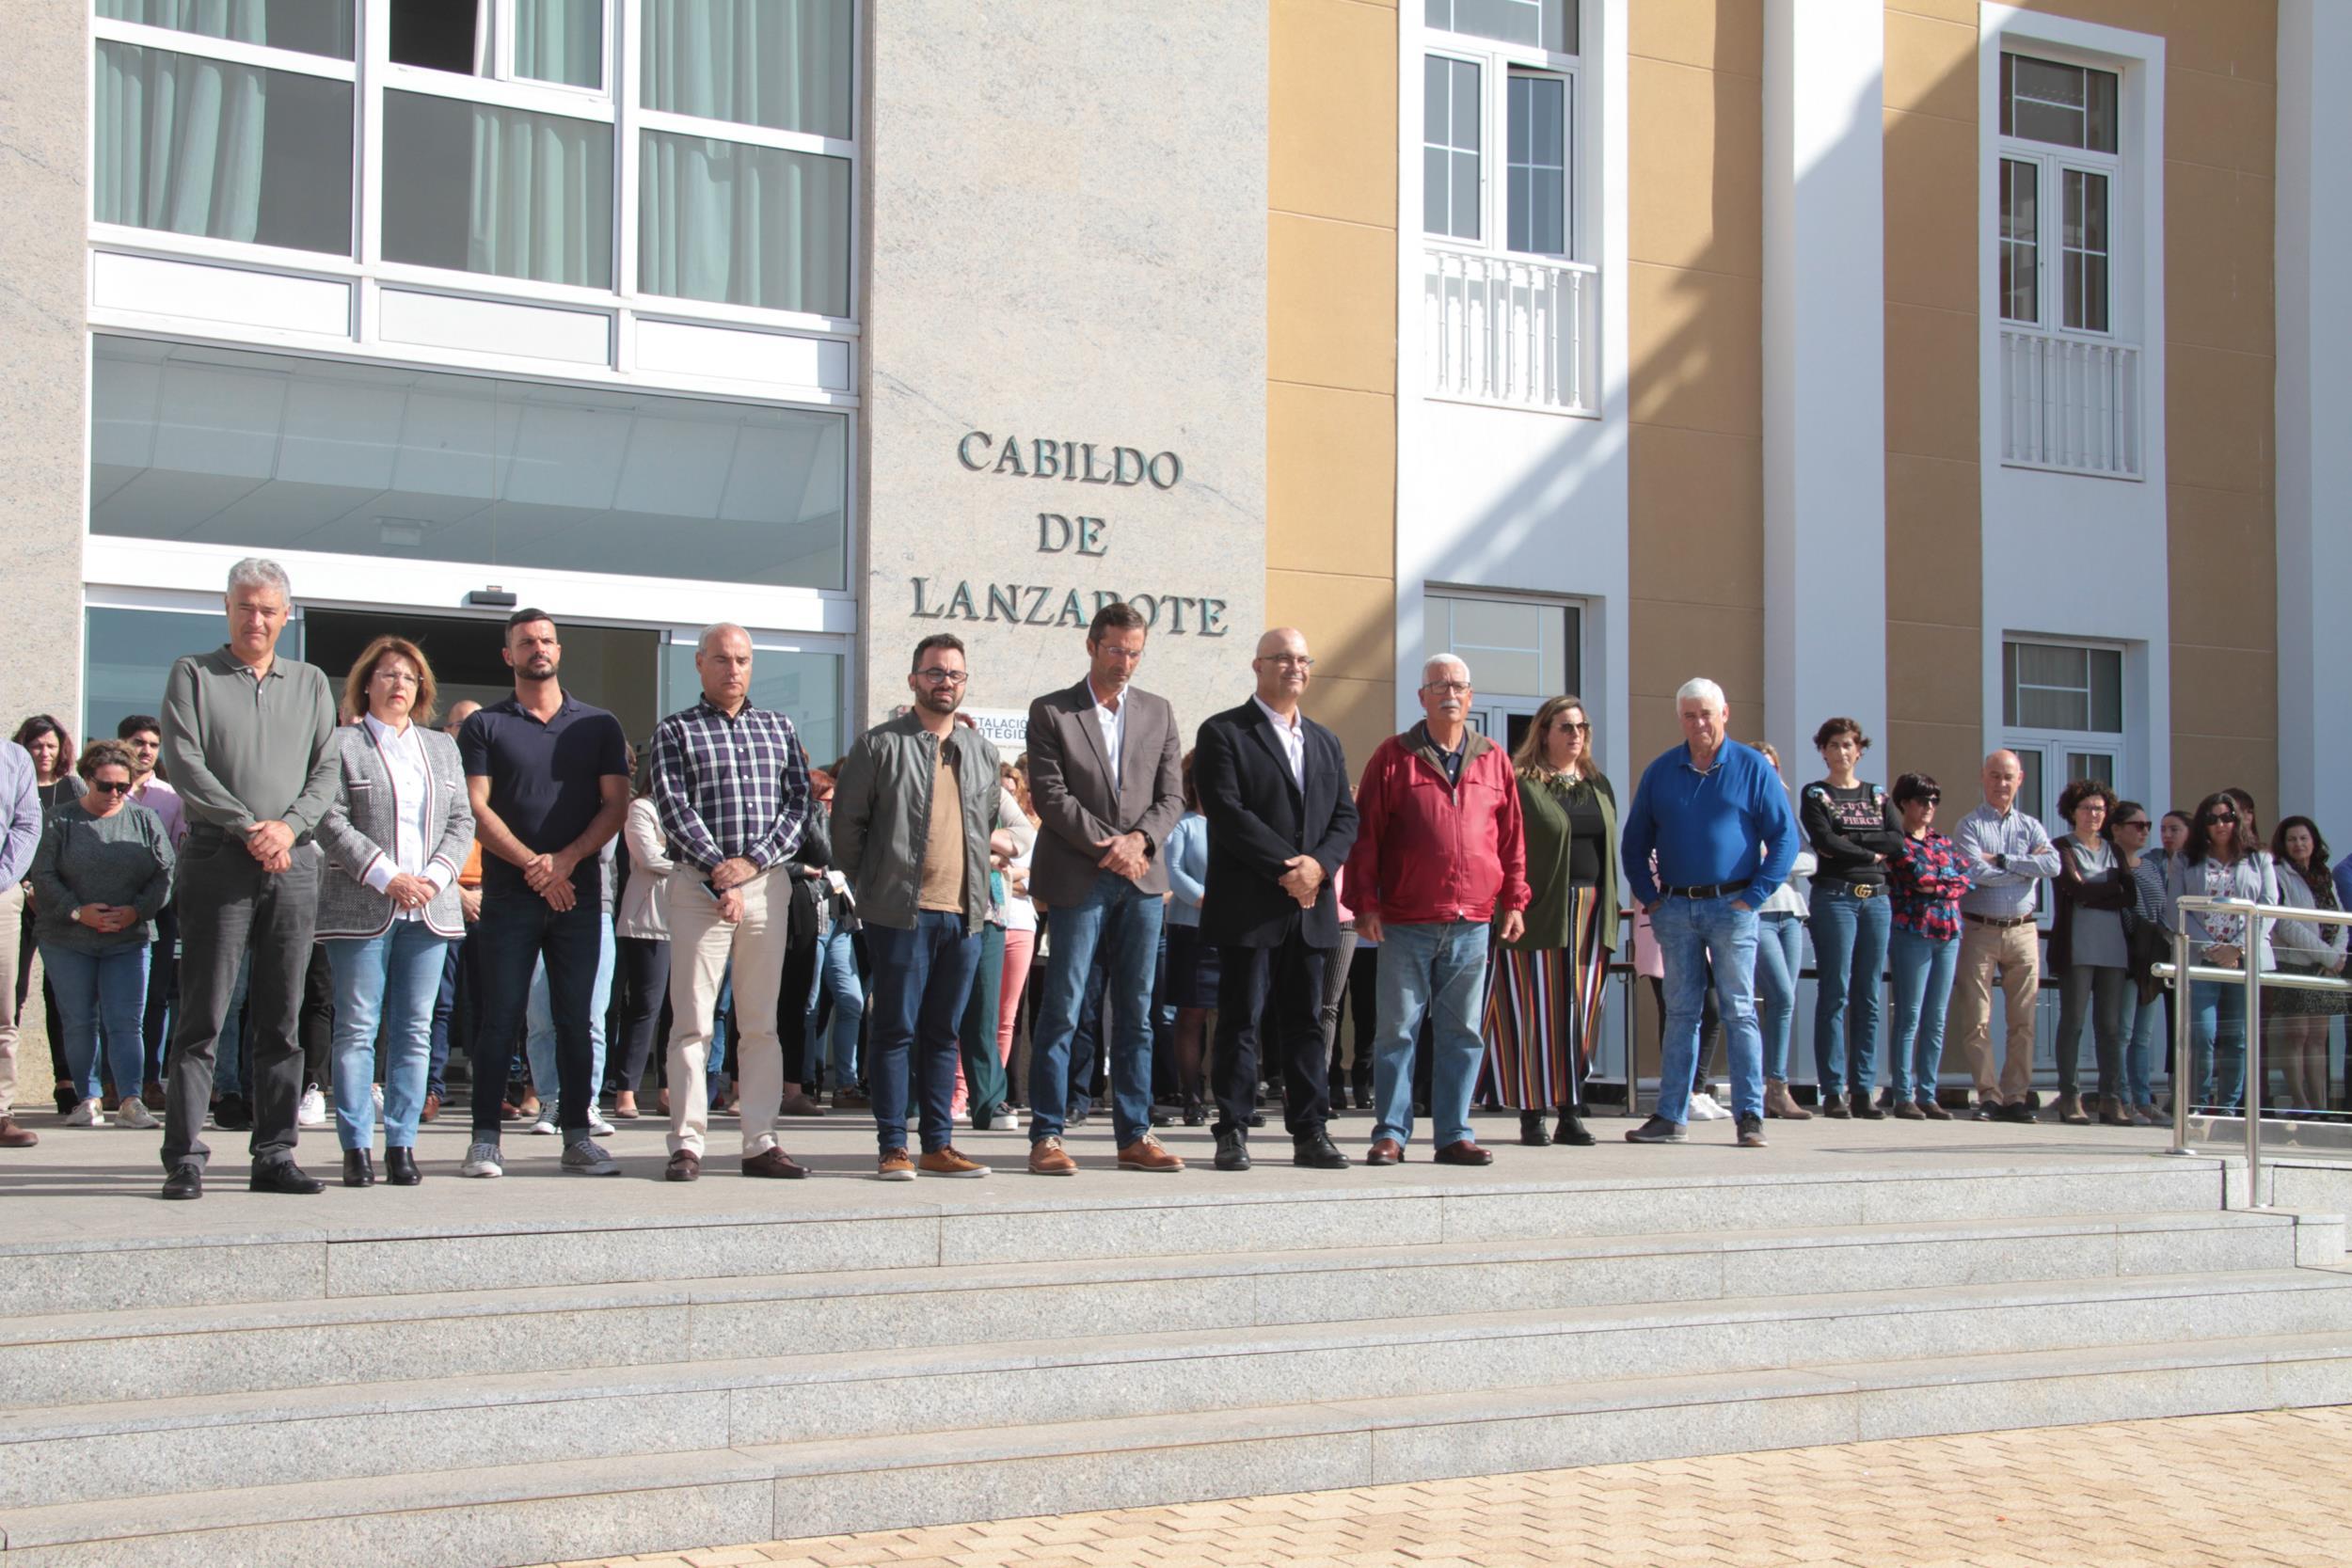 El Cabildo de Lanzarote recuerda a las víctimas del terrorismo del 11M con un minuto de silencio